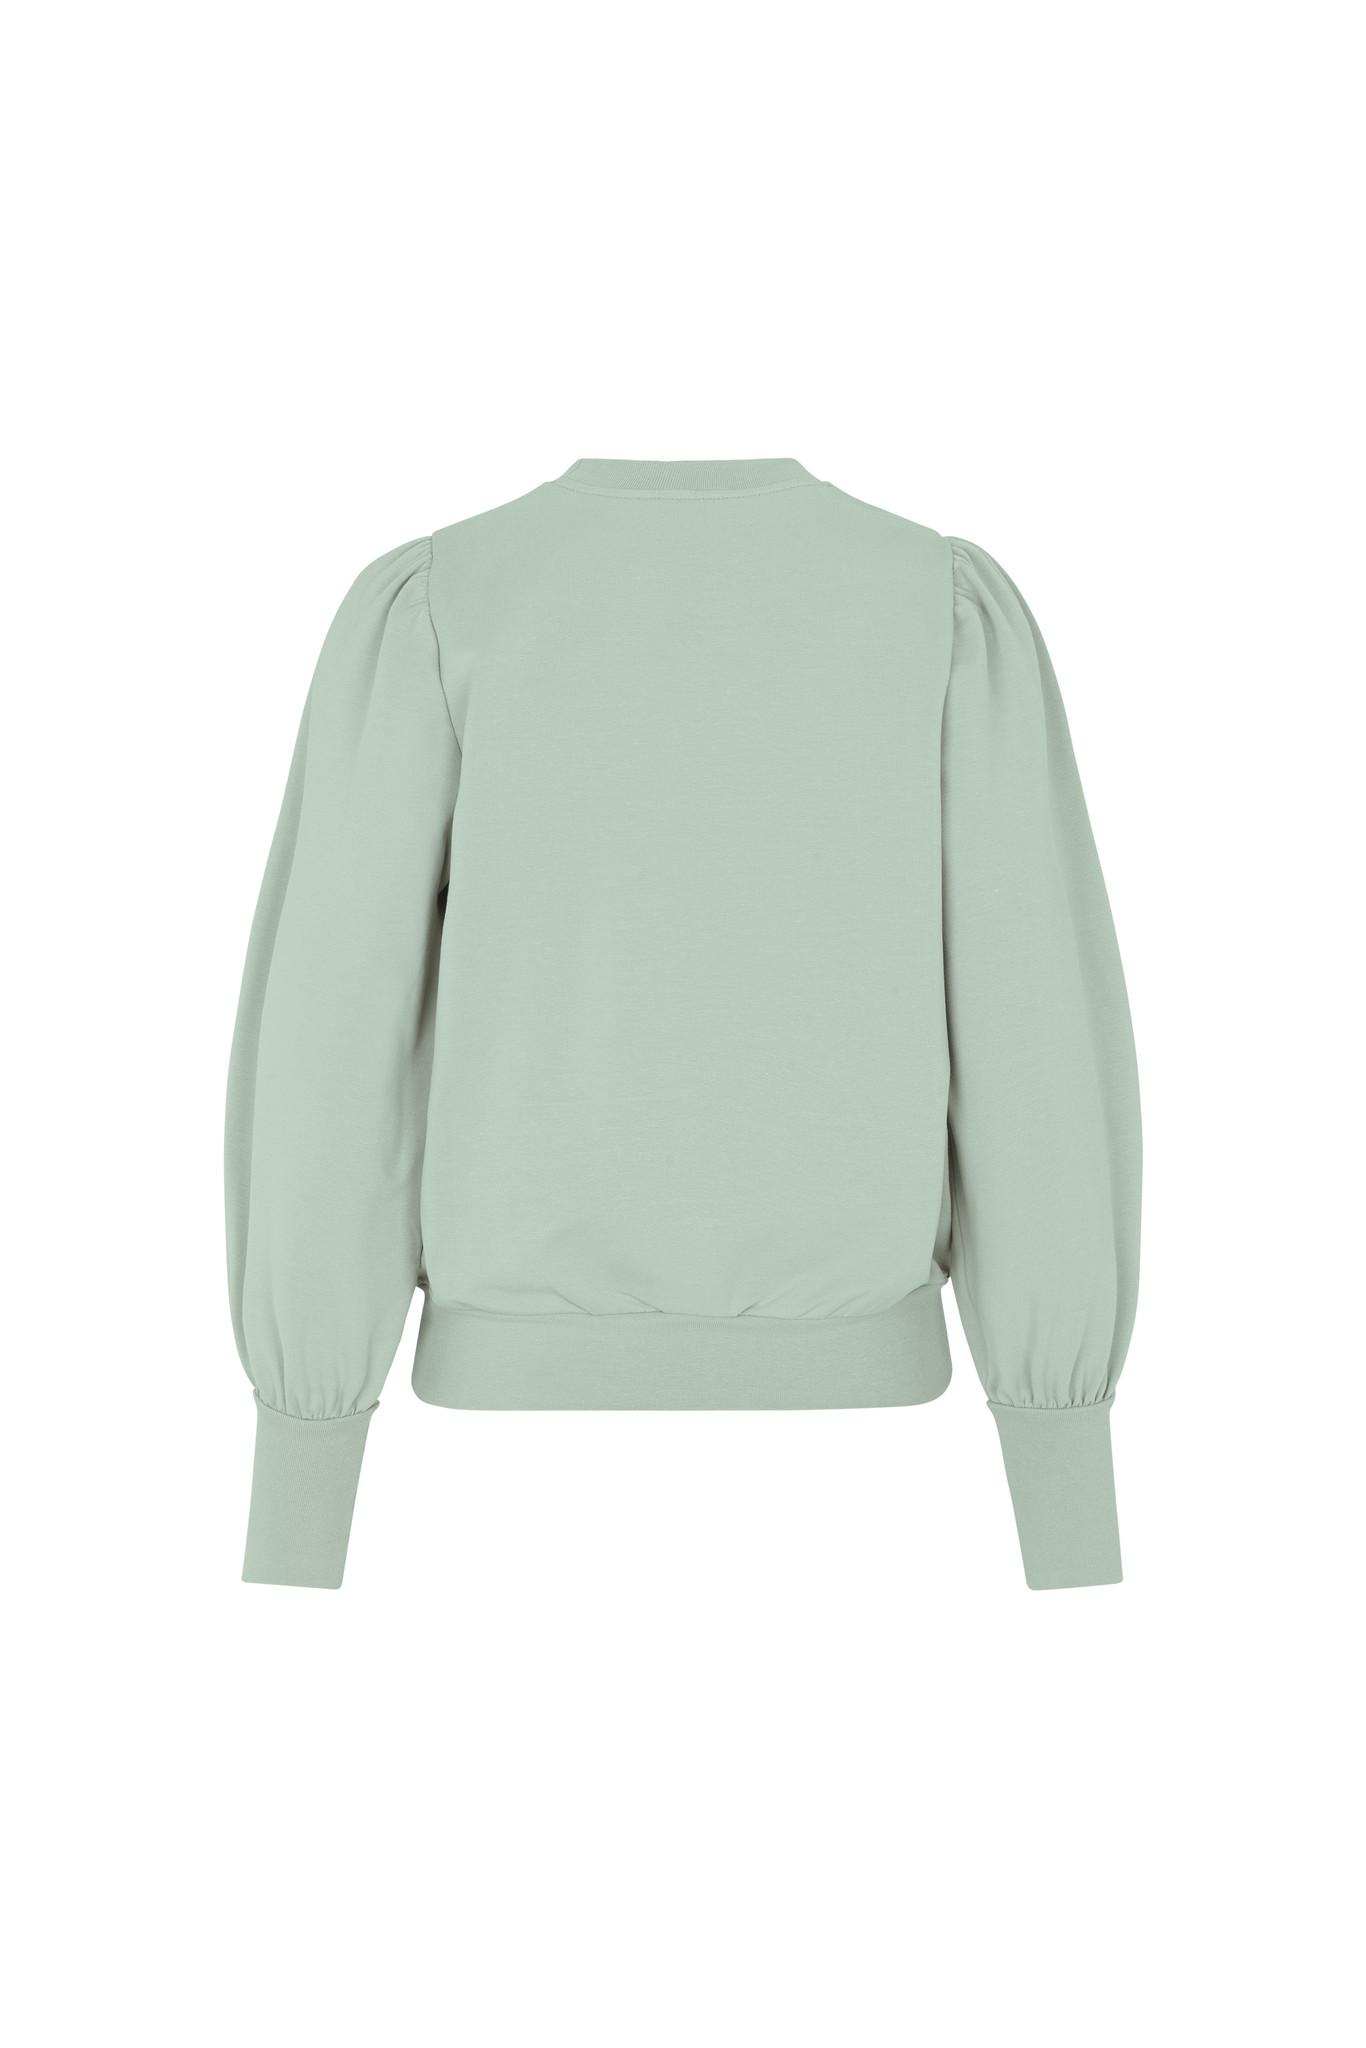 Oxford Sweatshirt - Mermaid-2